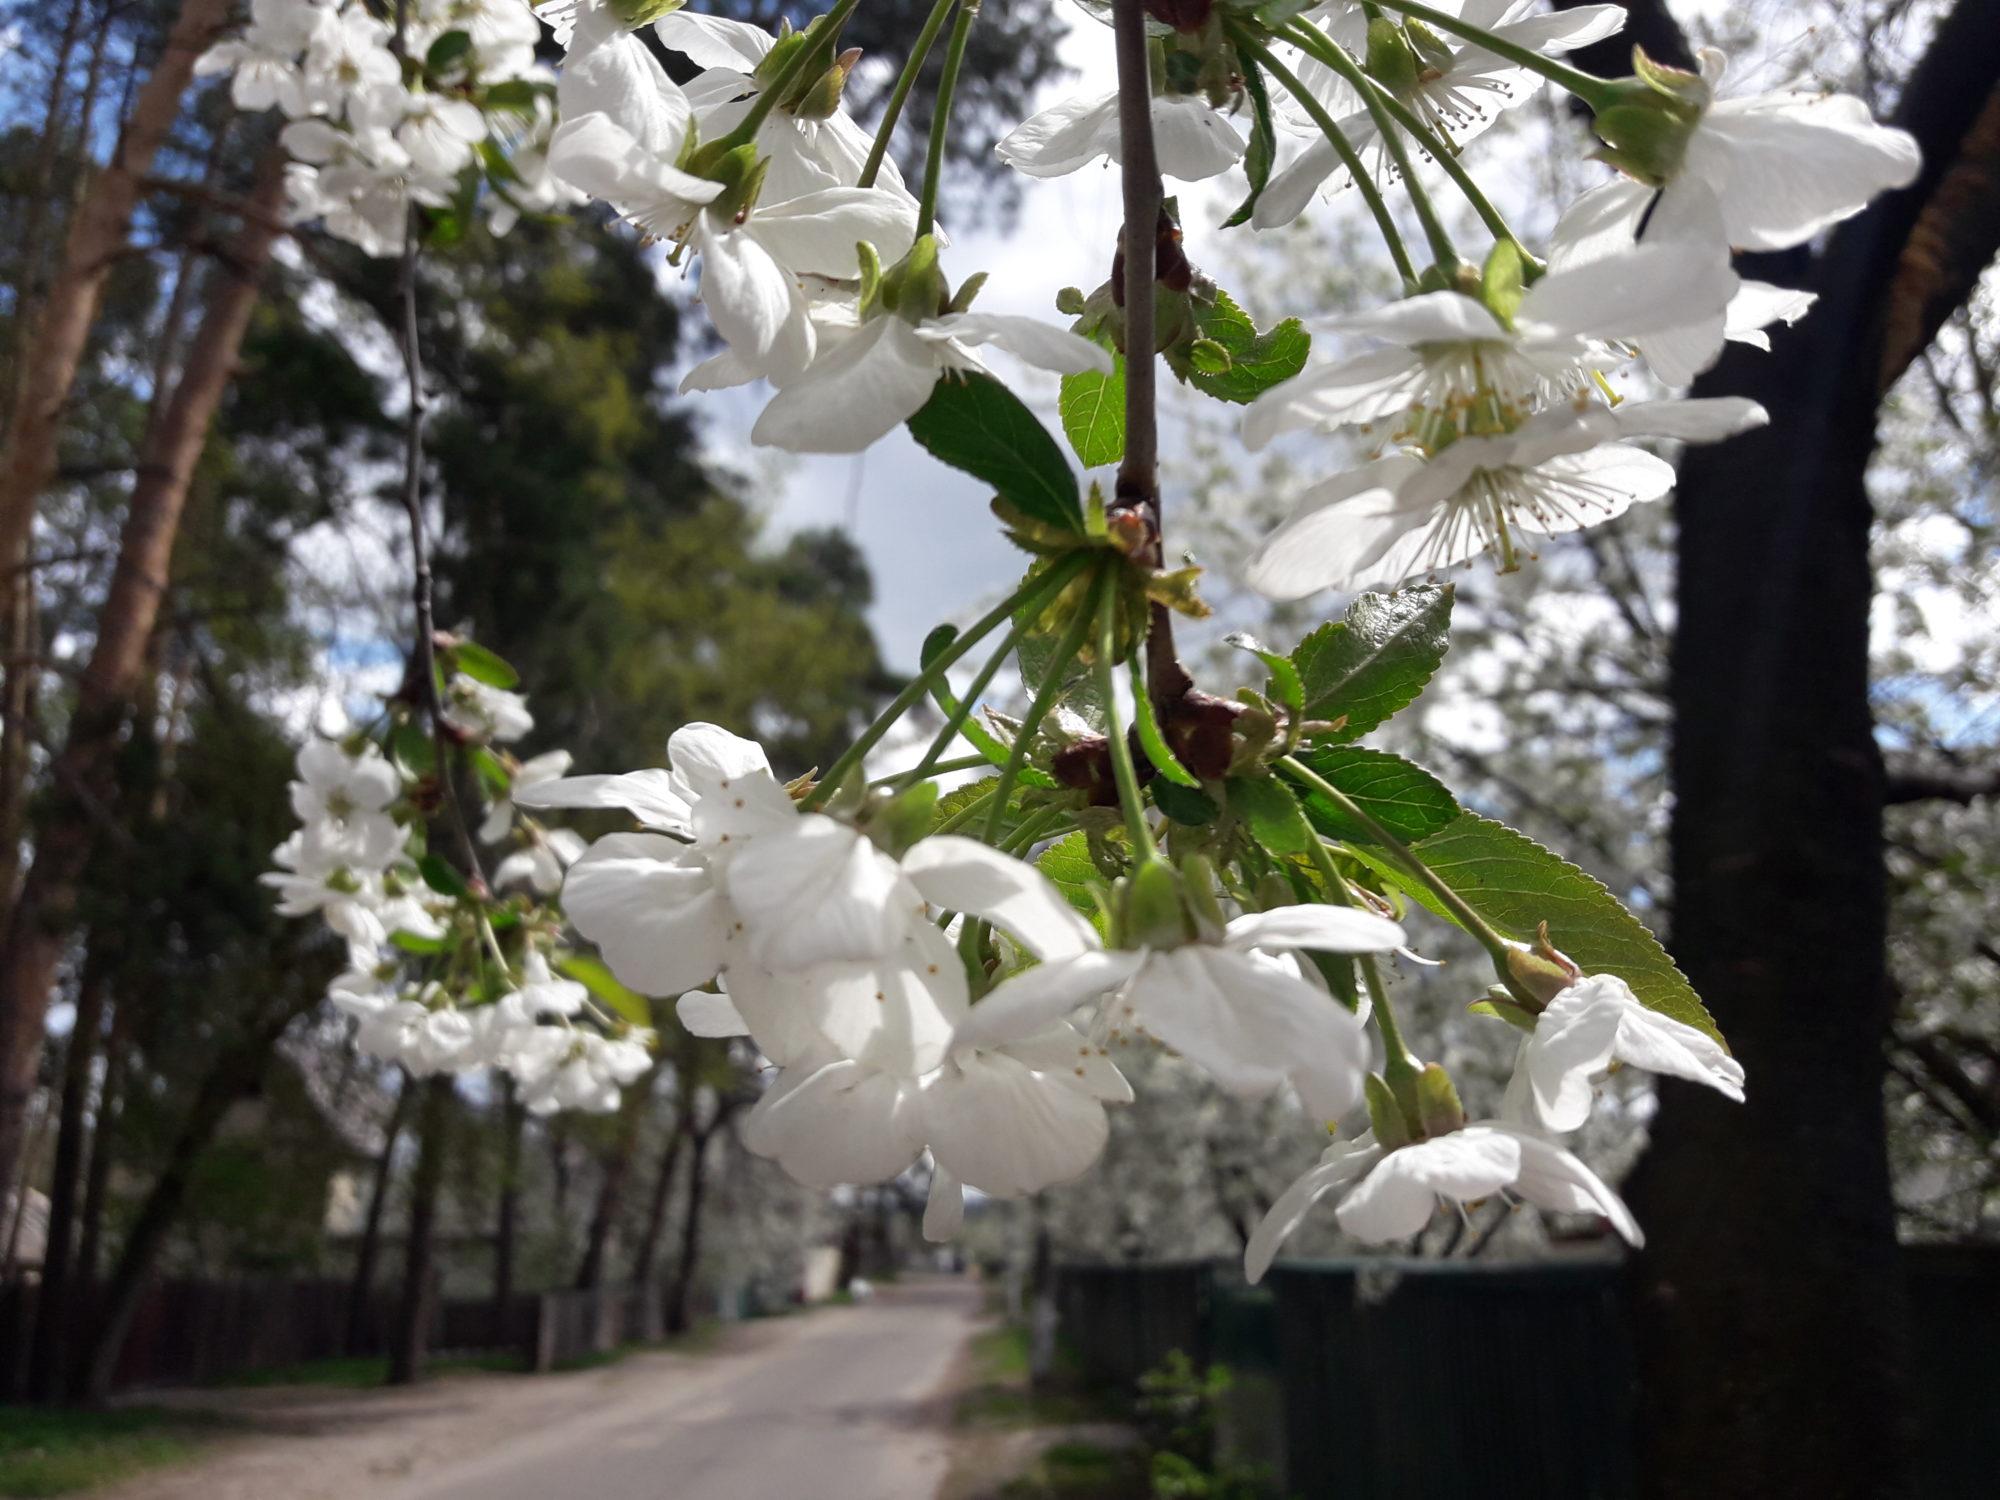 Ірпінь квітне: у місті настає пік цвітіння дерев та кущів (ФОТО) -  - 20200427 123632 2000x1500